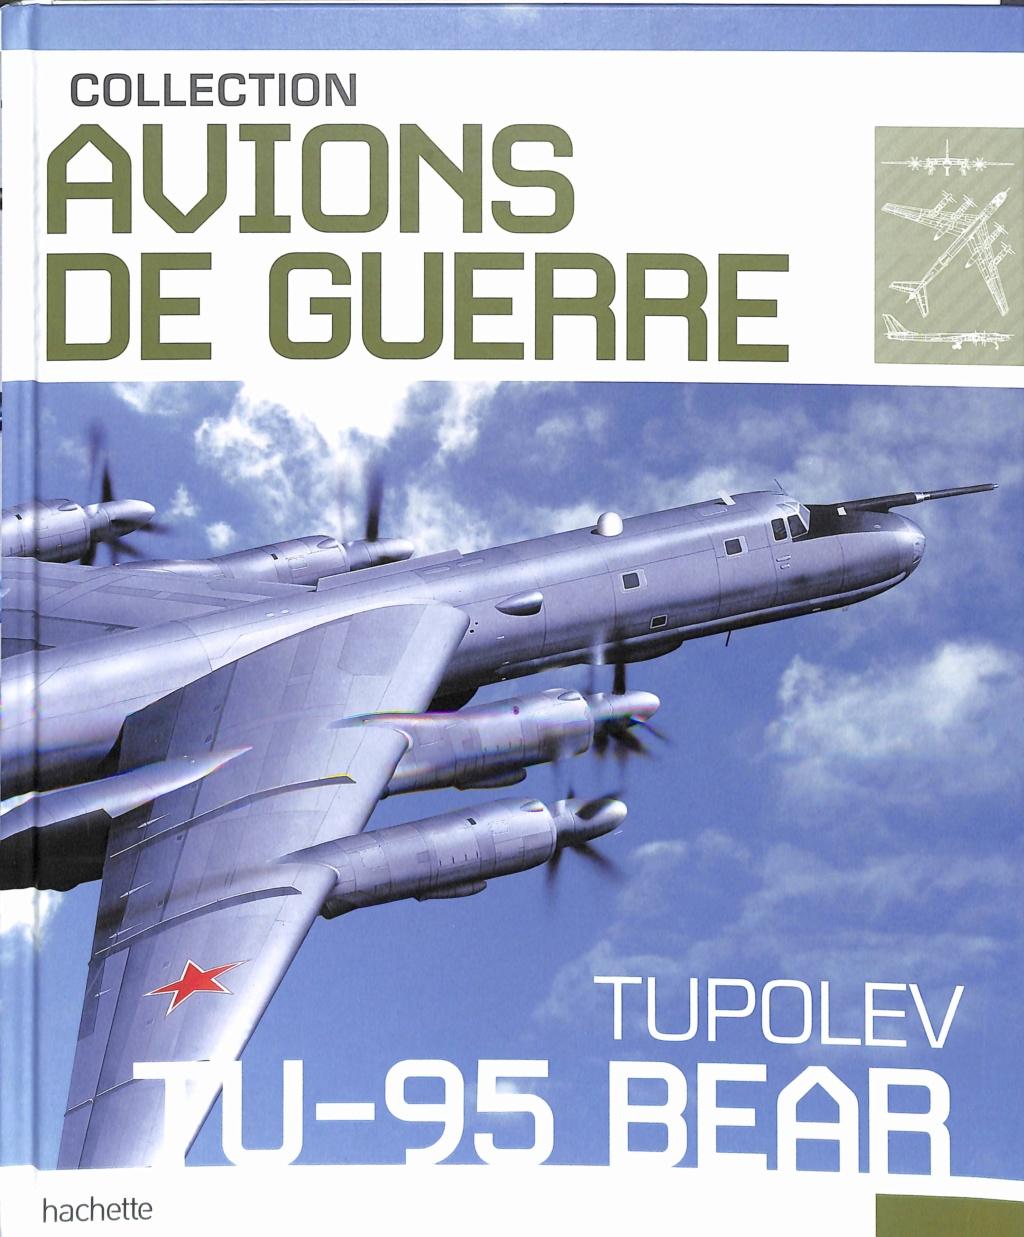 Nouvelle collection en kiosques: Avions de guerre - Page 2 M4263-32